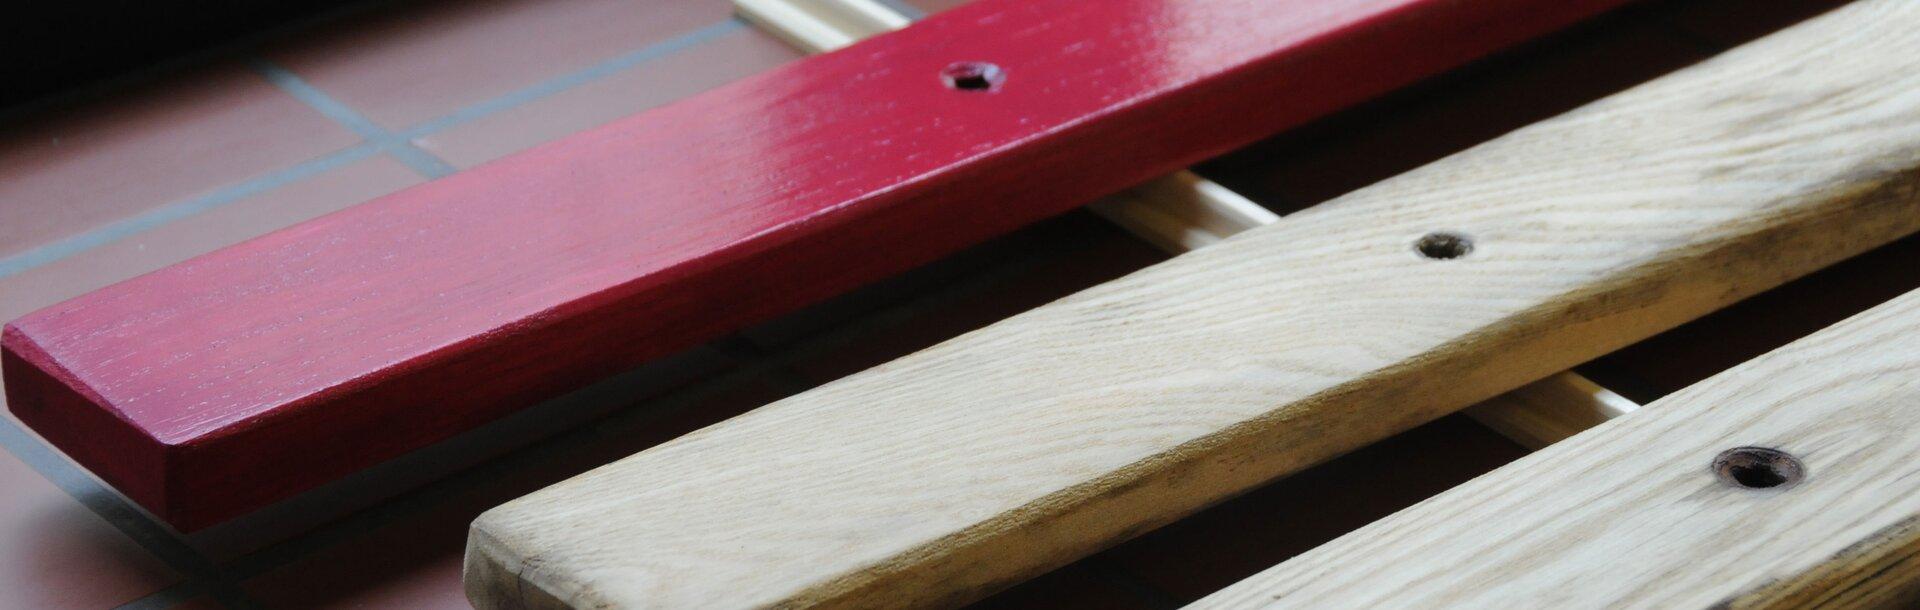 Come Scartavetrare Il Legno come verniciare una panchina in legno e metallo?